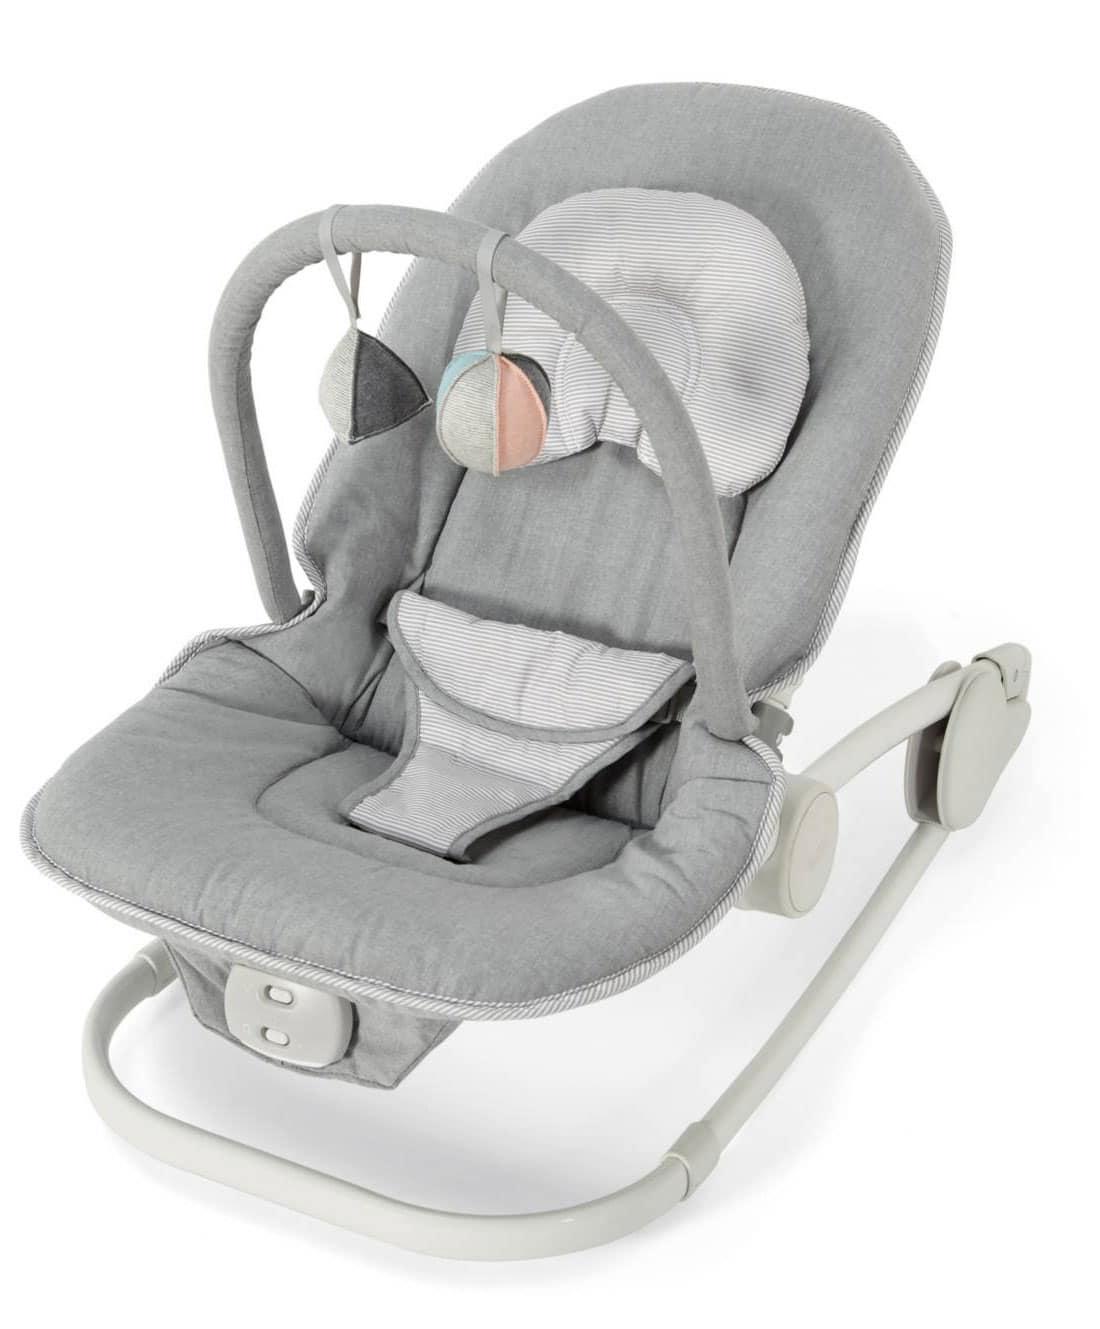 5 prodotti per neonati da acquistare per il tuo primo bambino - Mia Gravidanza